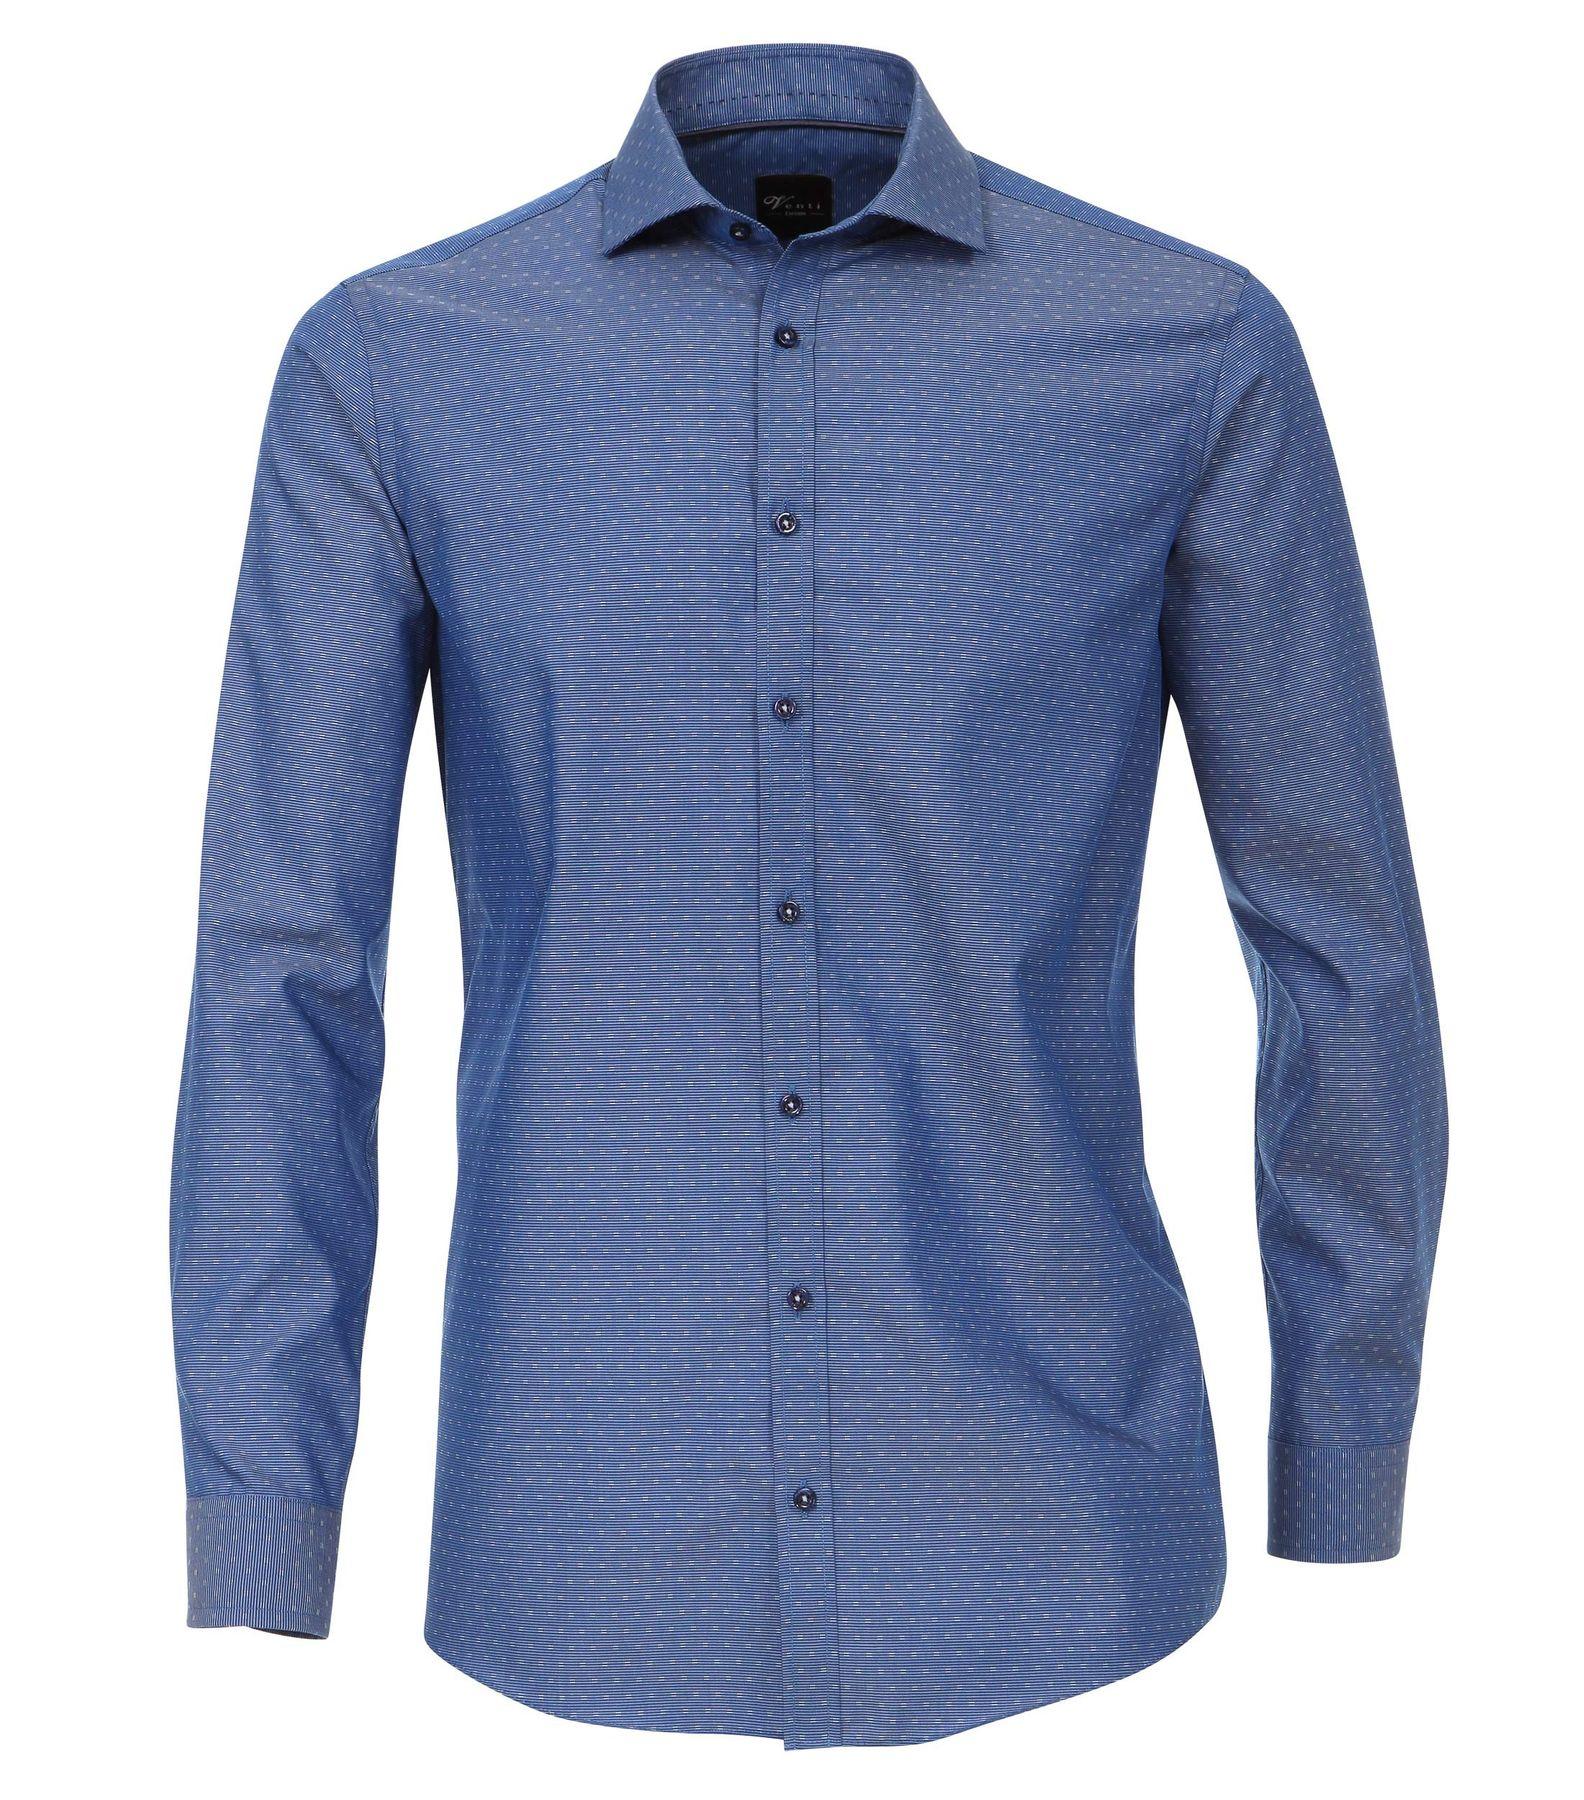 Venti - Slim Fit - Herren Langarm Hemd gestreift aus 100% Baumwolle mit Hai Kragen (172678900) – Bild 7